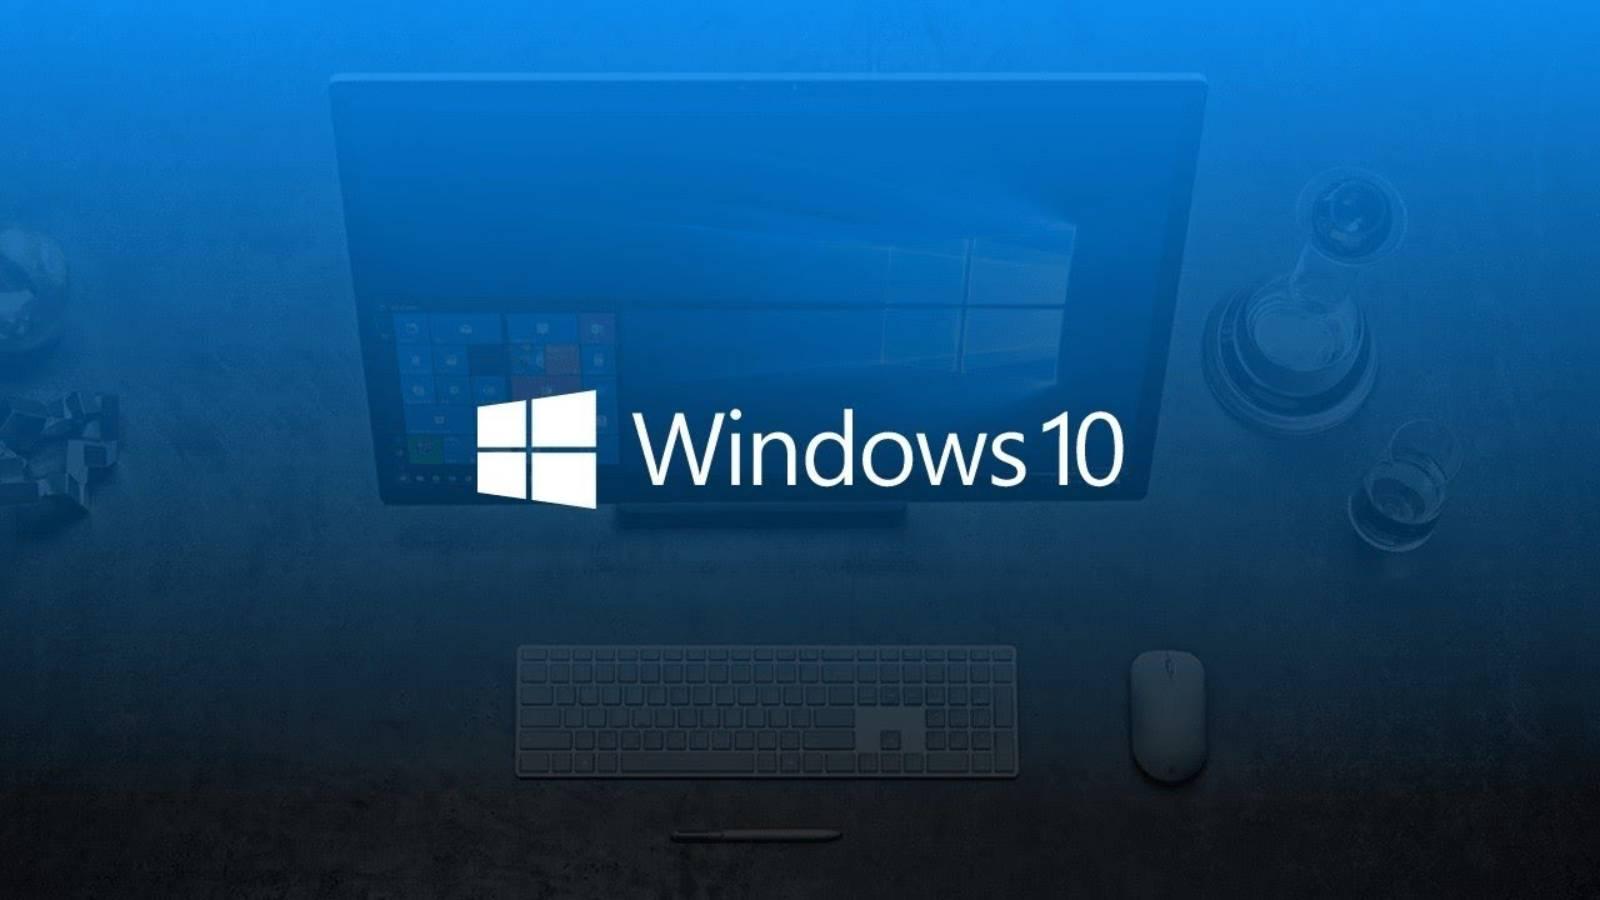 Windows 10 design modern